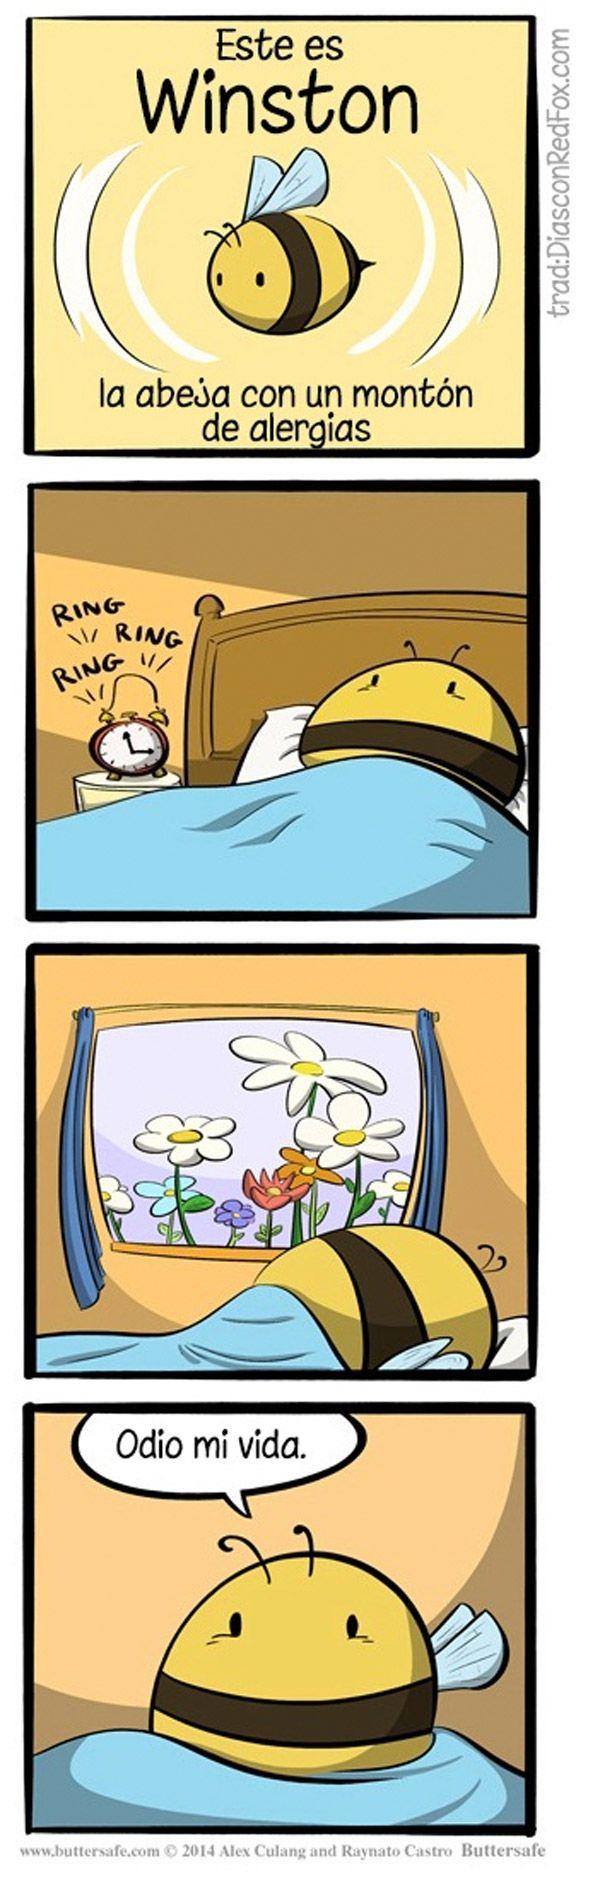 la abeja al rgica humor e im genes divertidas pinterest humor memes and funny stuff